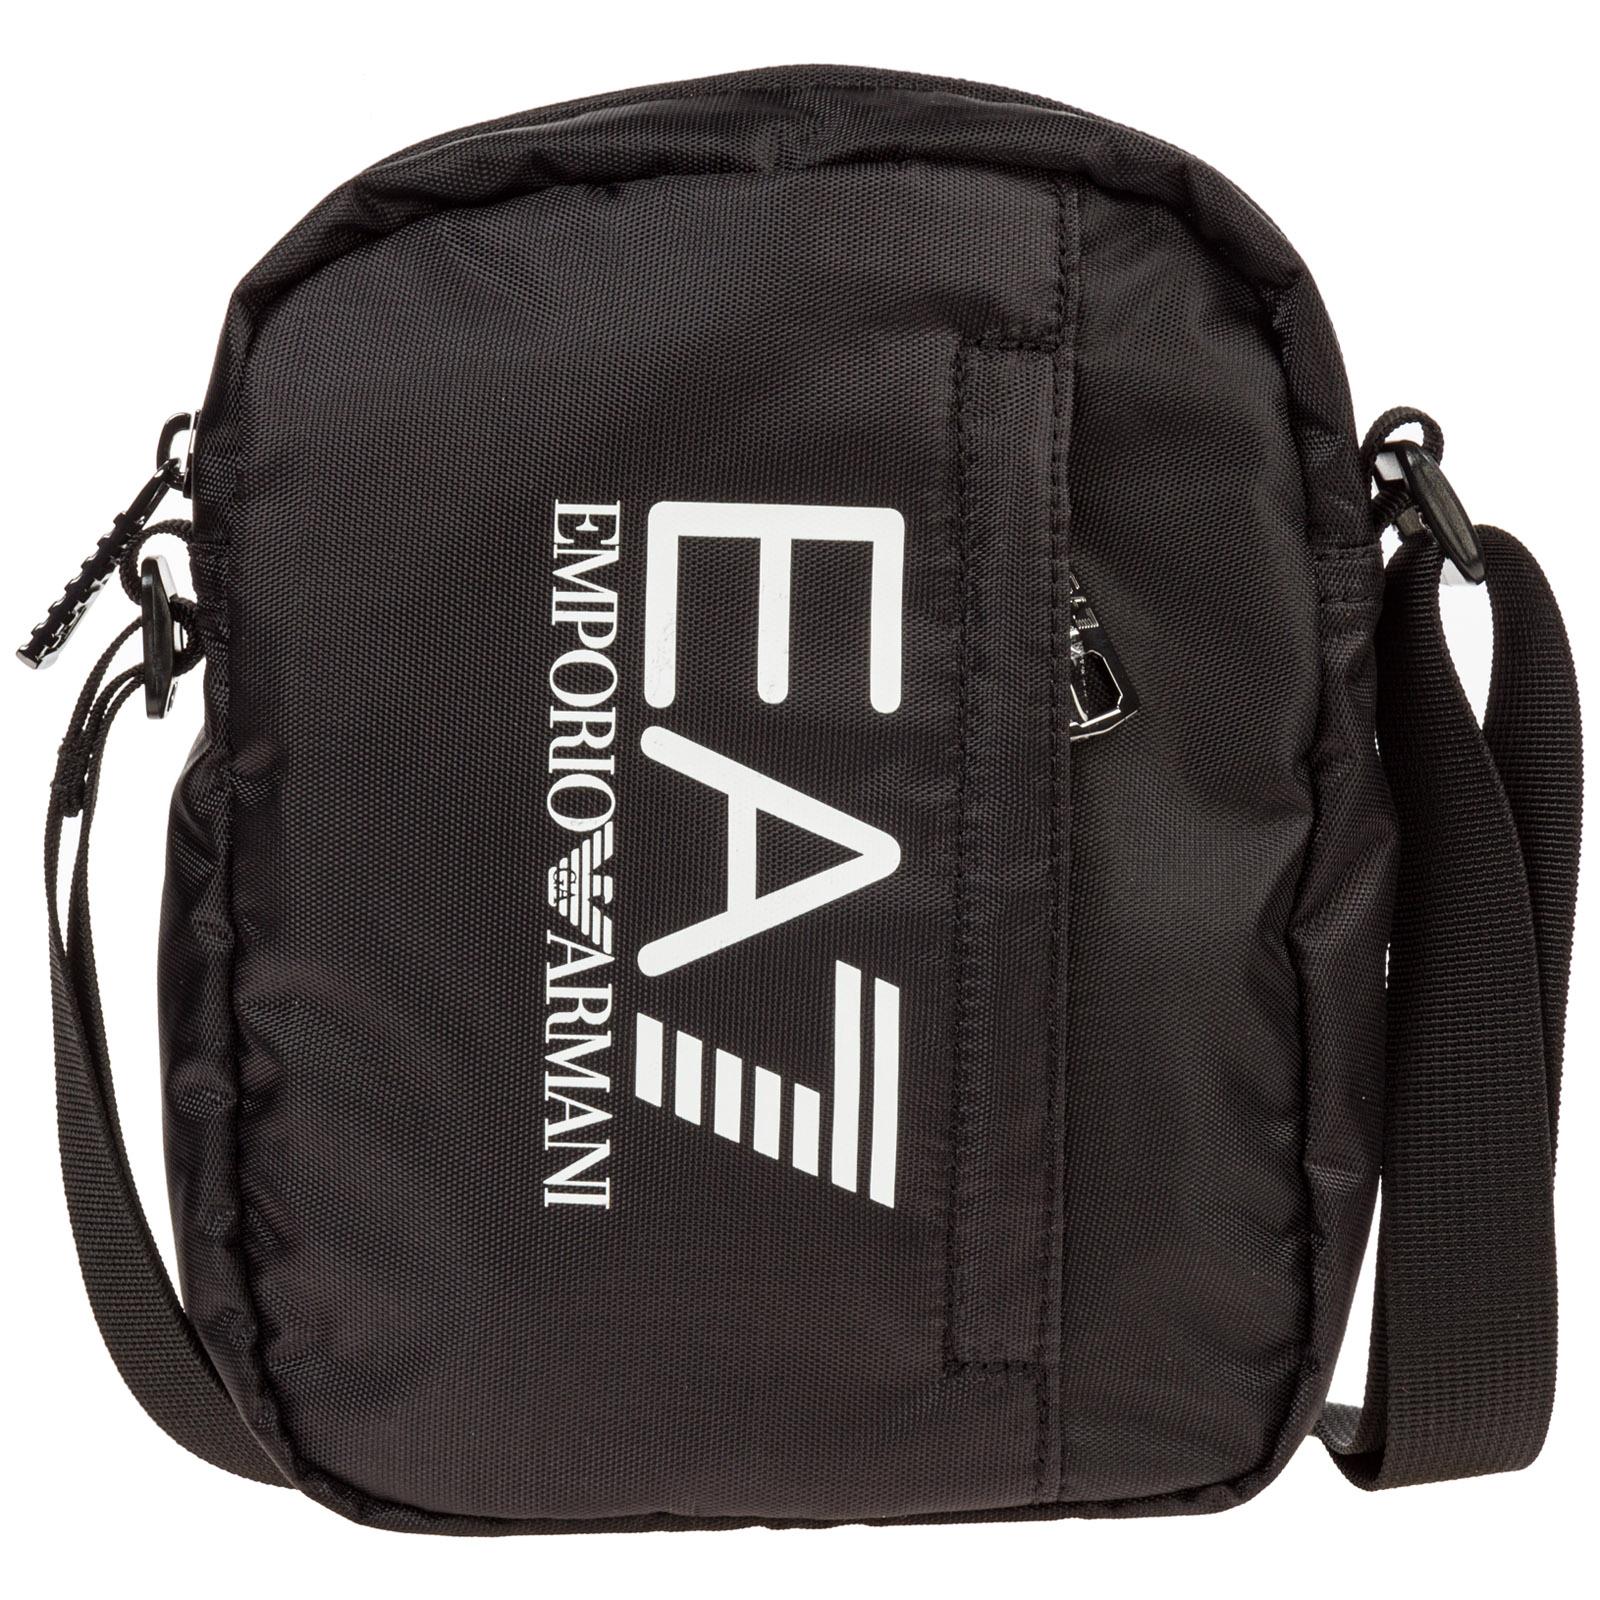 4344d7b025 Men's nylon cross-body messenger shoulder bag